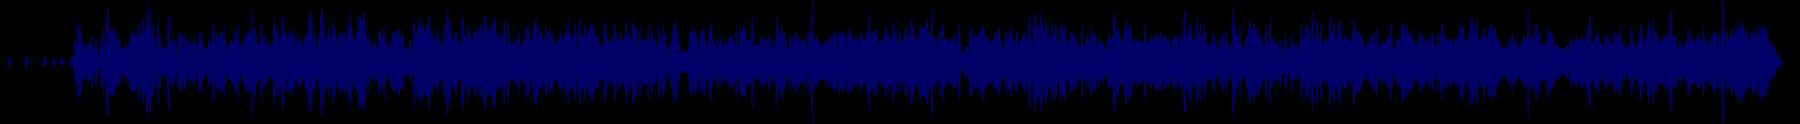 waveform of track #40418